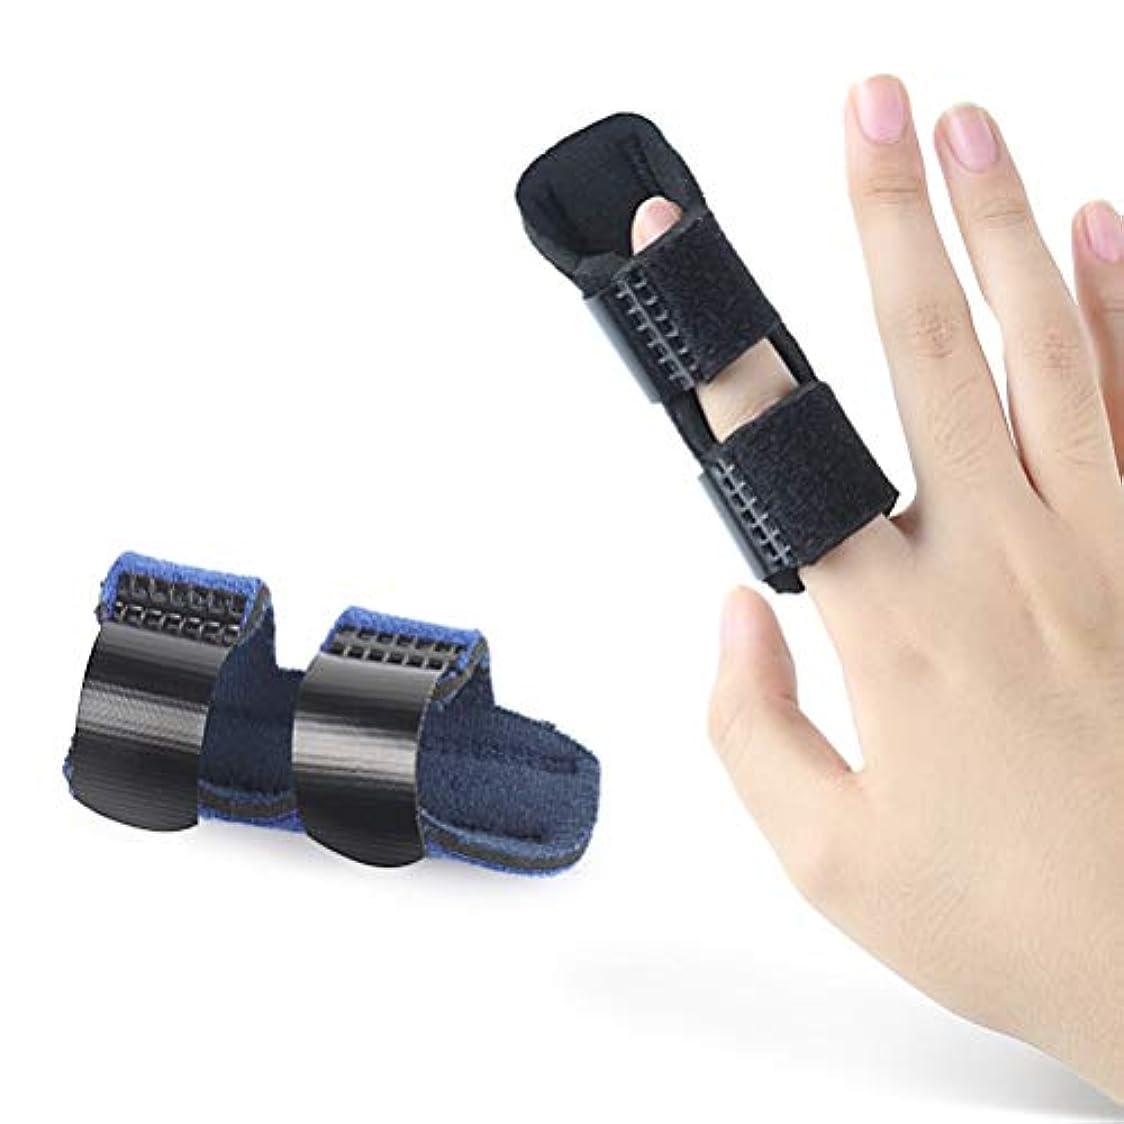 ブームよろめく大惨事SUPVOX 首サポートブレース 腱鞘炎 バネ指 関節靭帯保護 損傷回復に 手首の親指の痛みを和らげる 1対指スプリントサポート(黒)